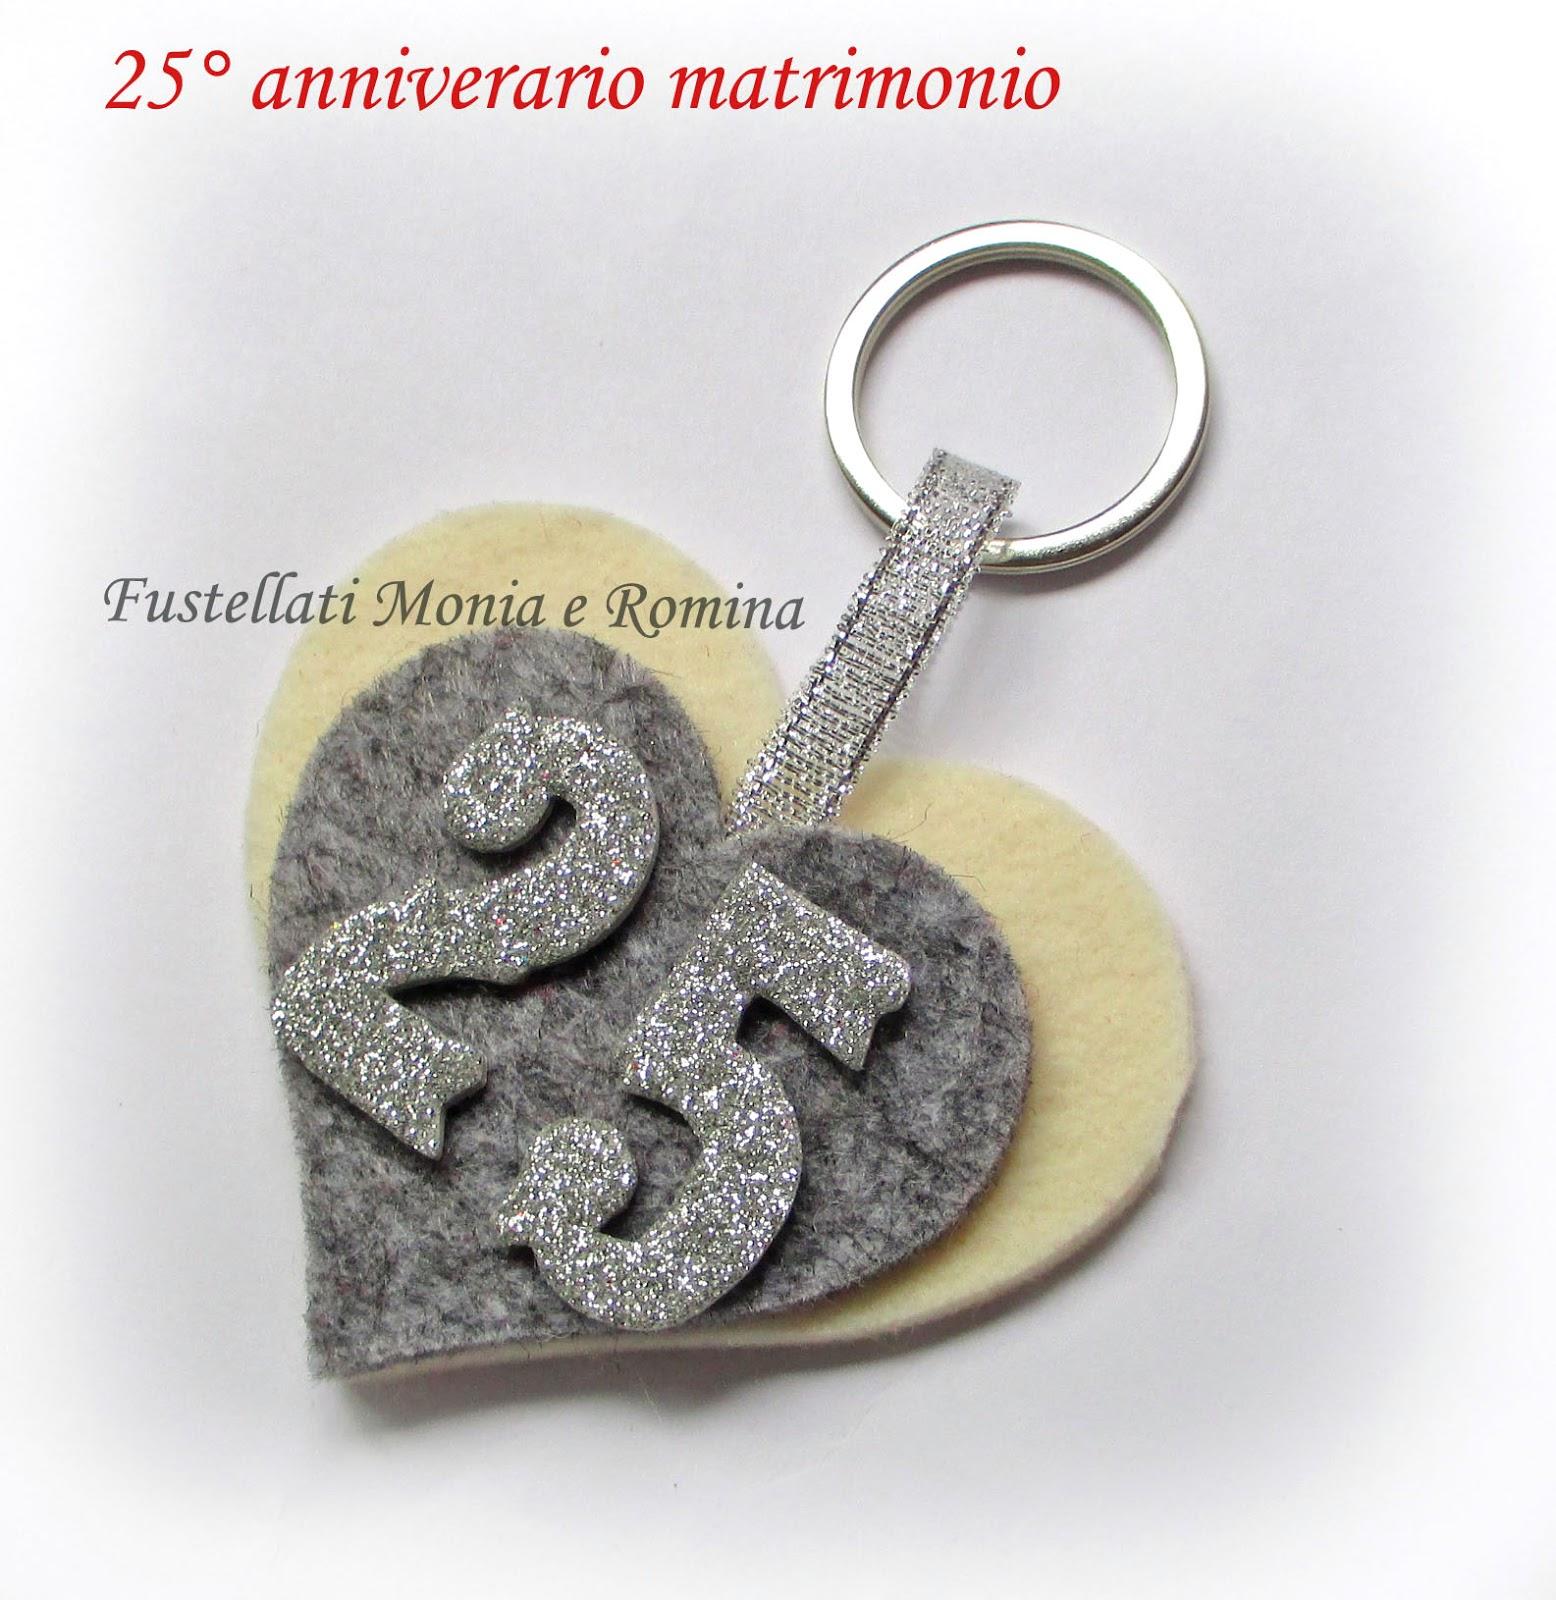 Segnaposti 50 anni di matrimonio ny52 regardsdefemmes for Anniversario matrimonio 25